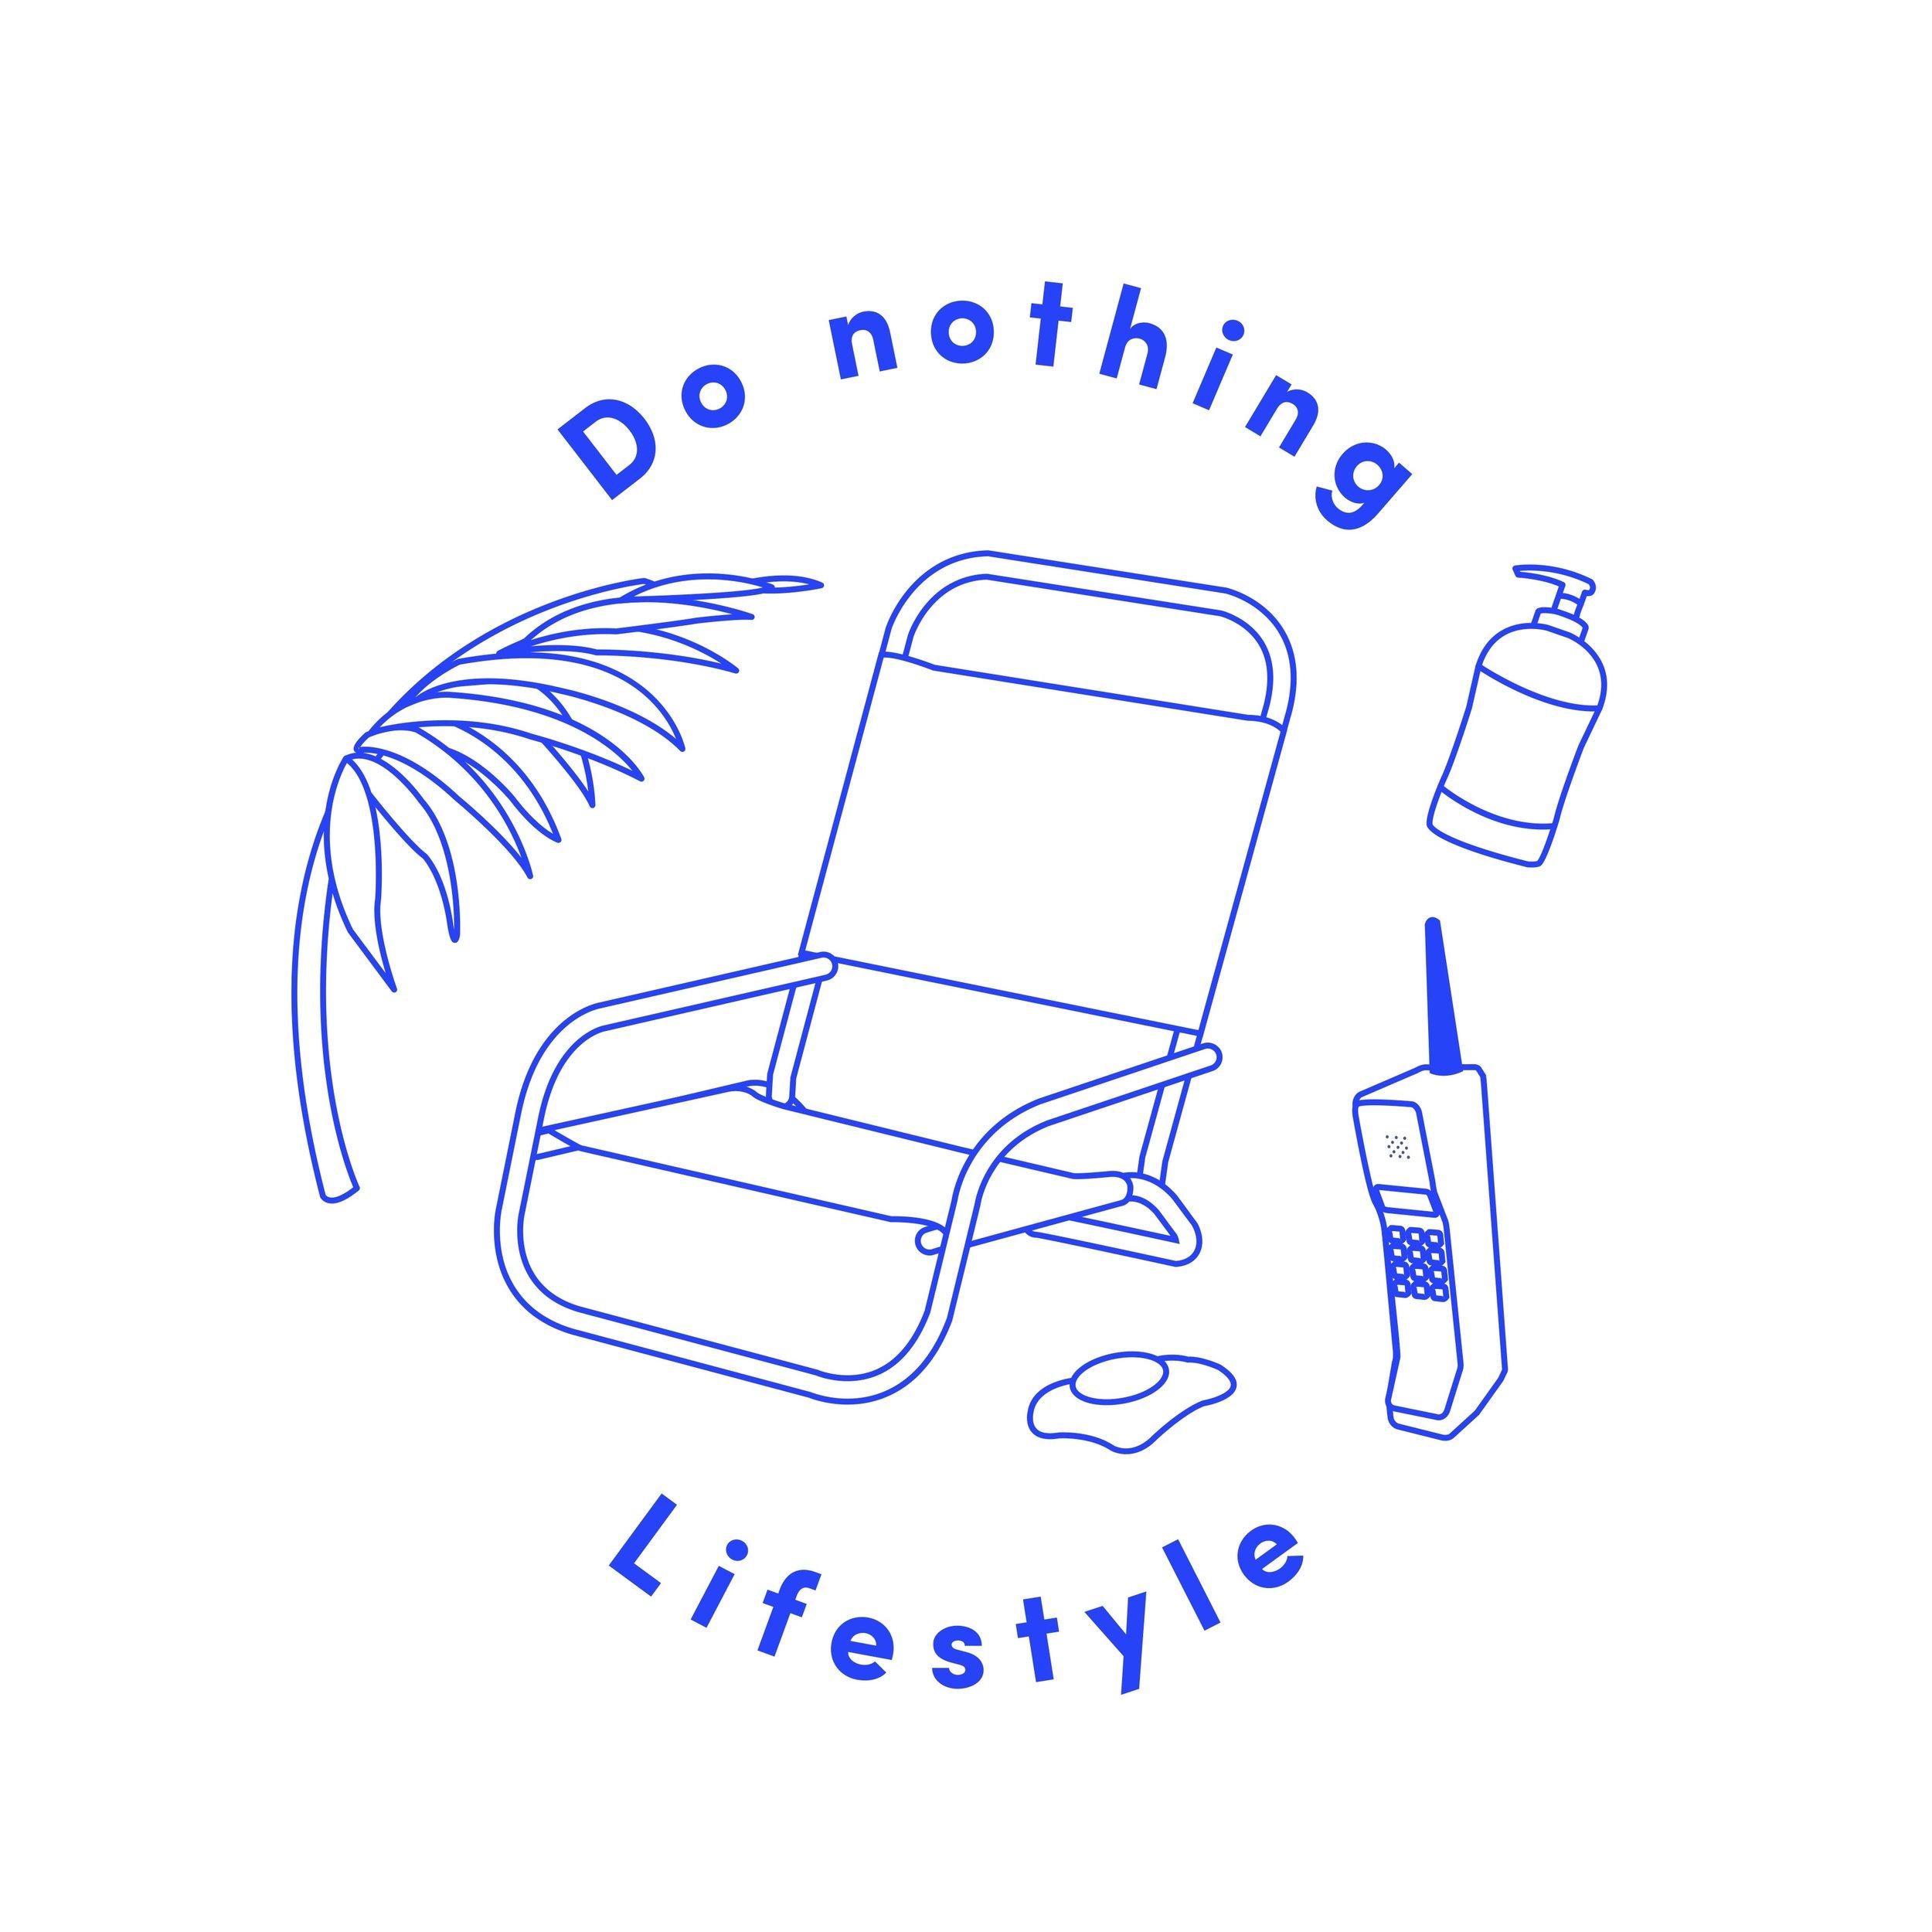 do nothing .jpg